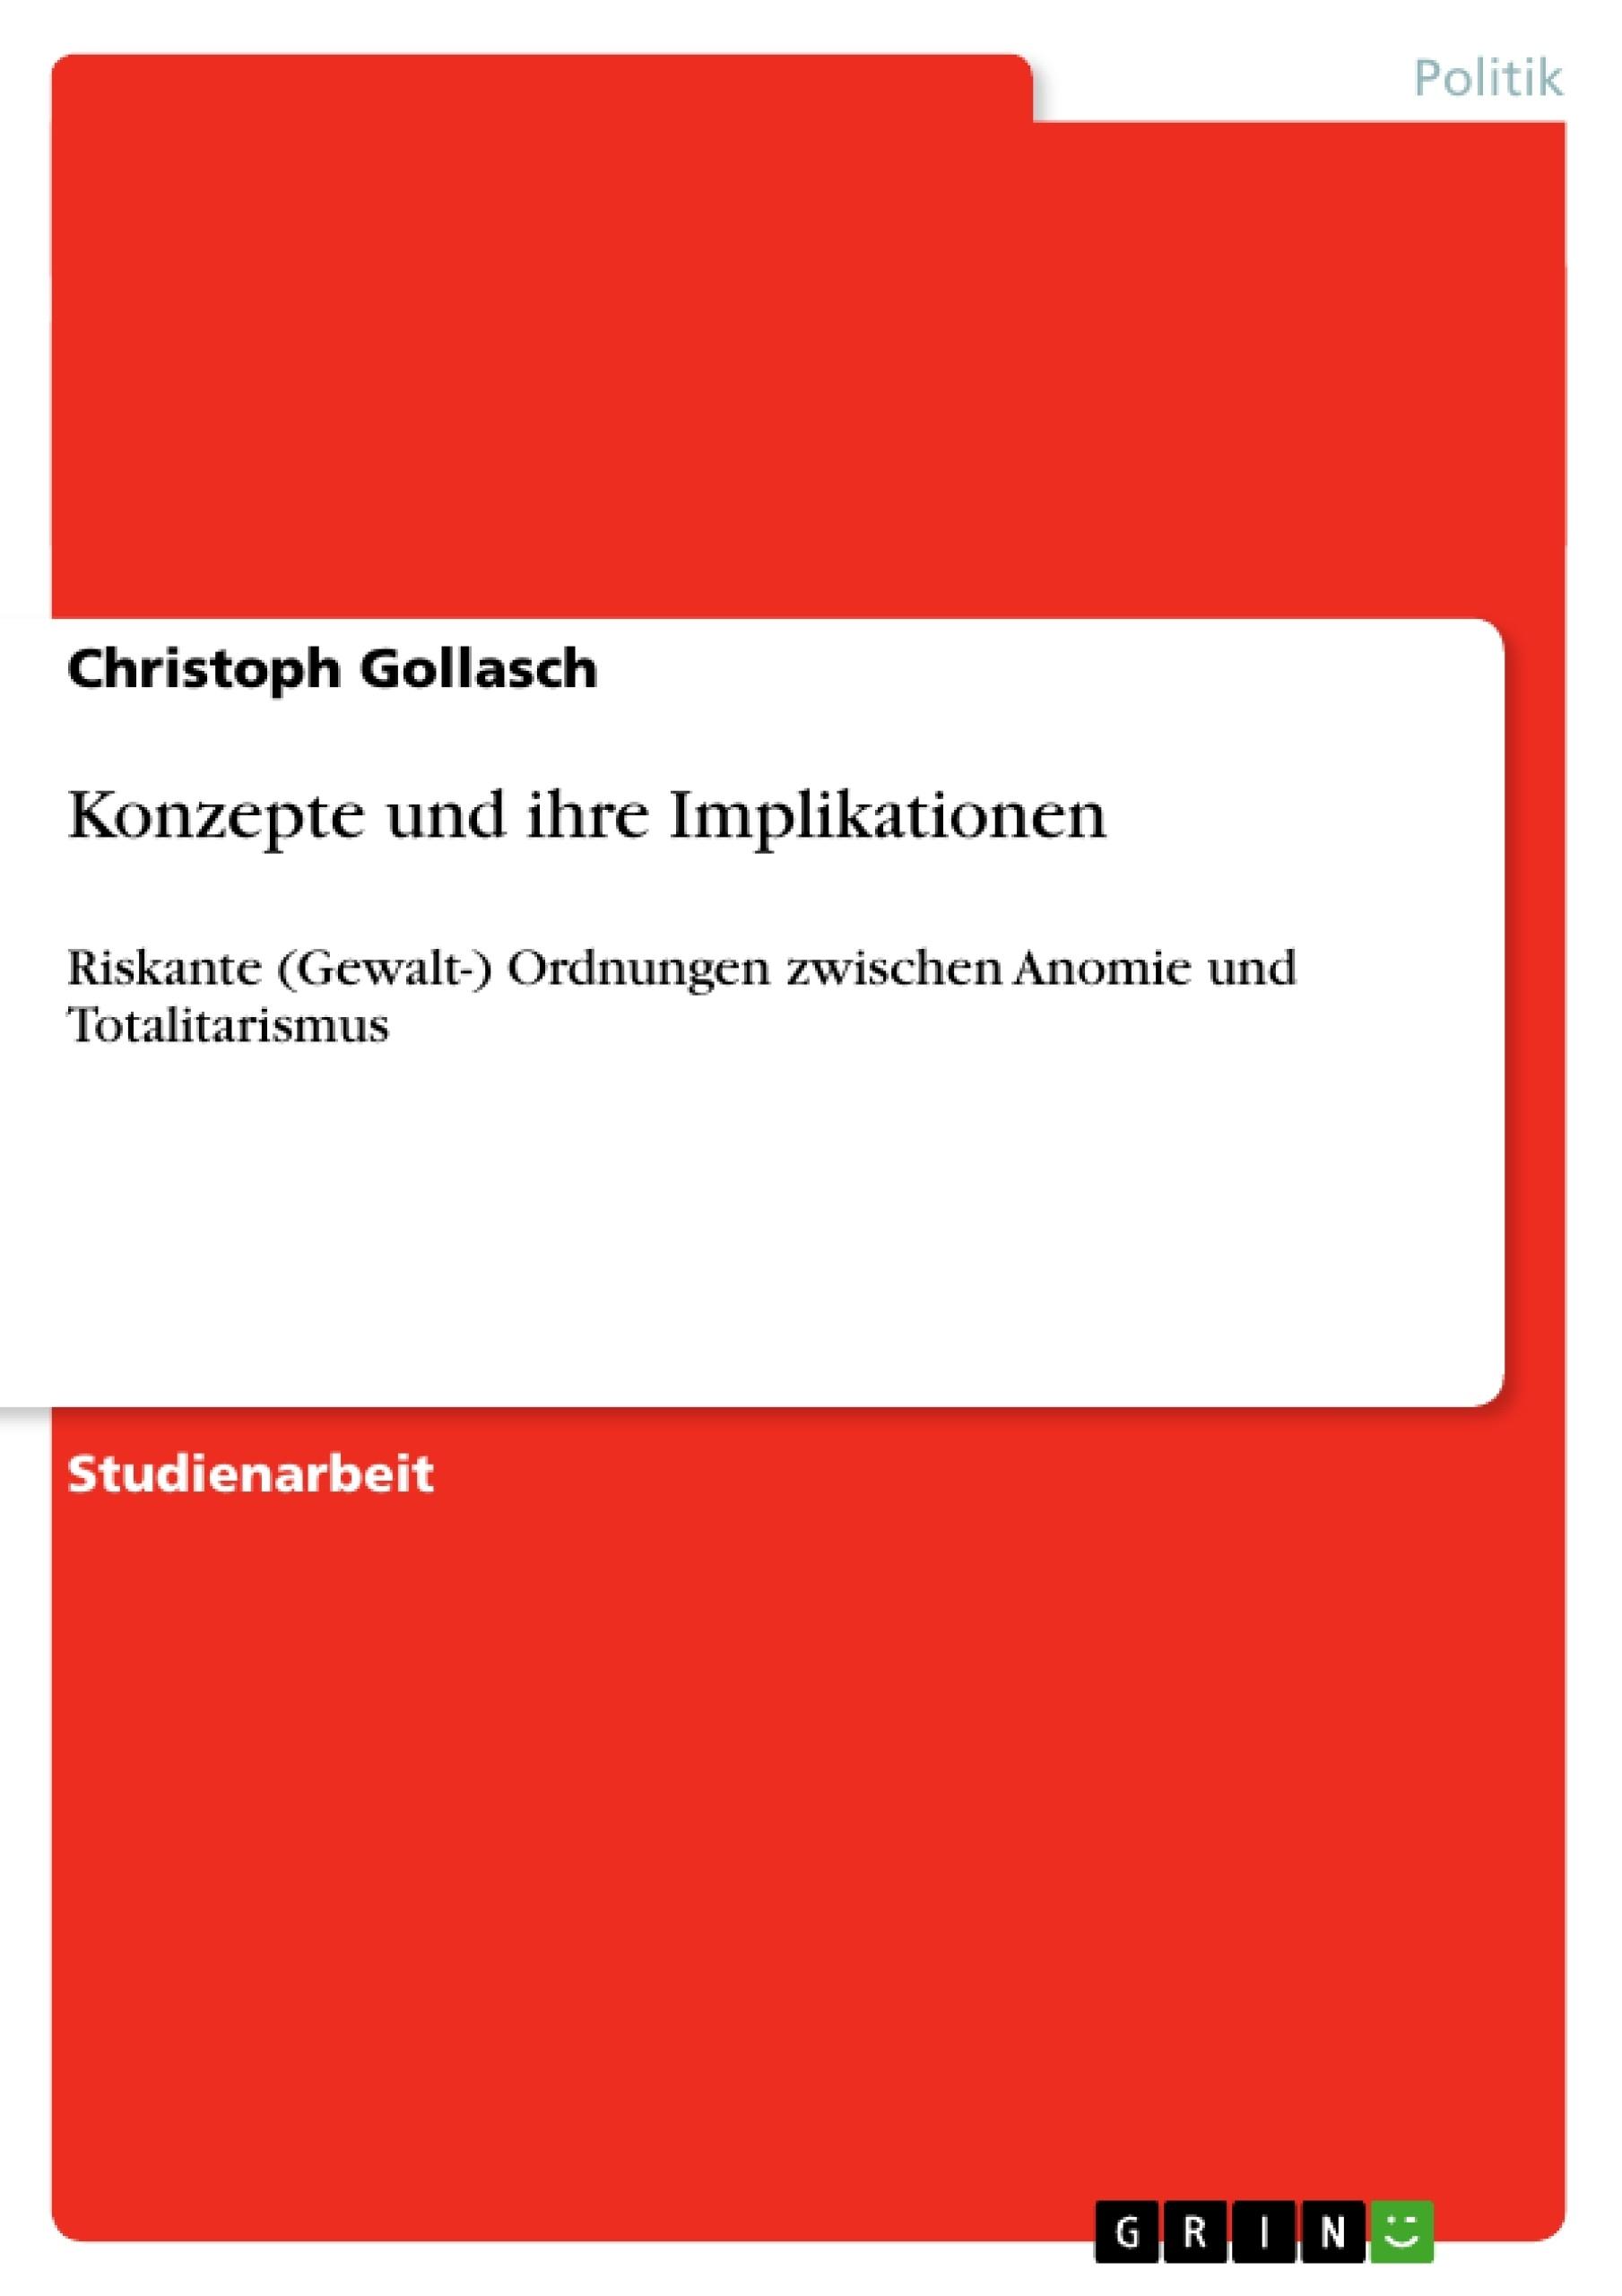 Titel: Konzepte und ihre Implikationen